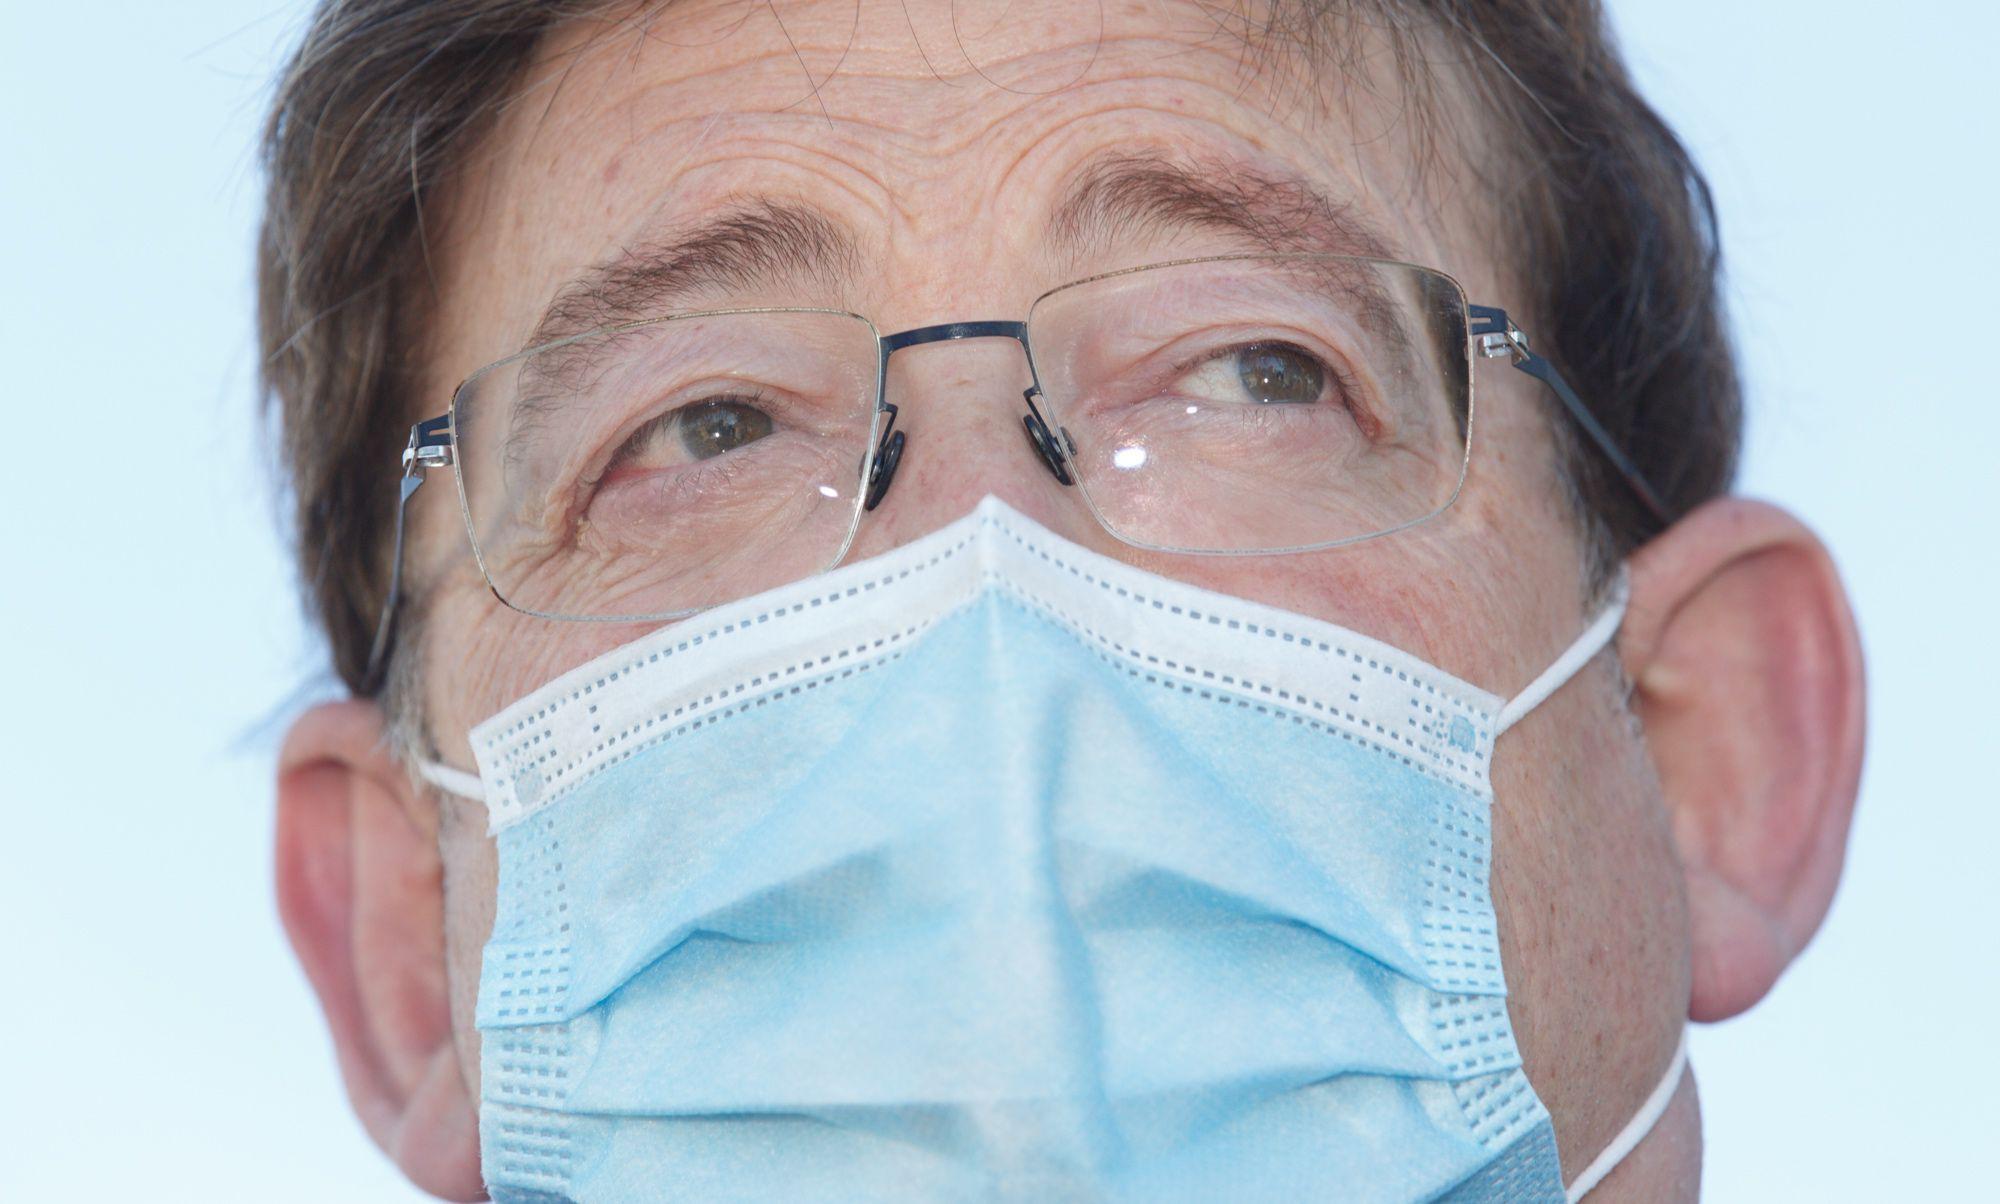 Puig espera a que concluya la investigación de Sanidad para decidir qué medidas tomar contra los alcaldes del PSPV que se han vacunado